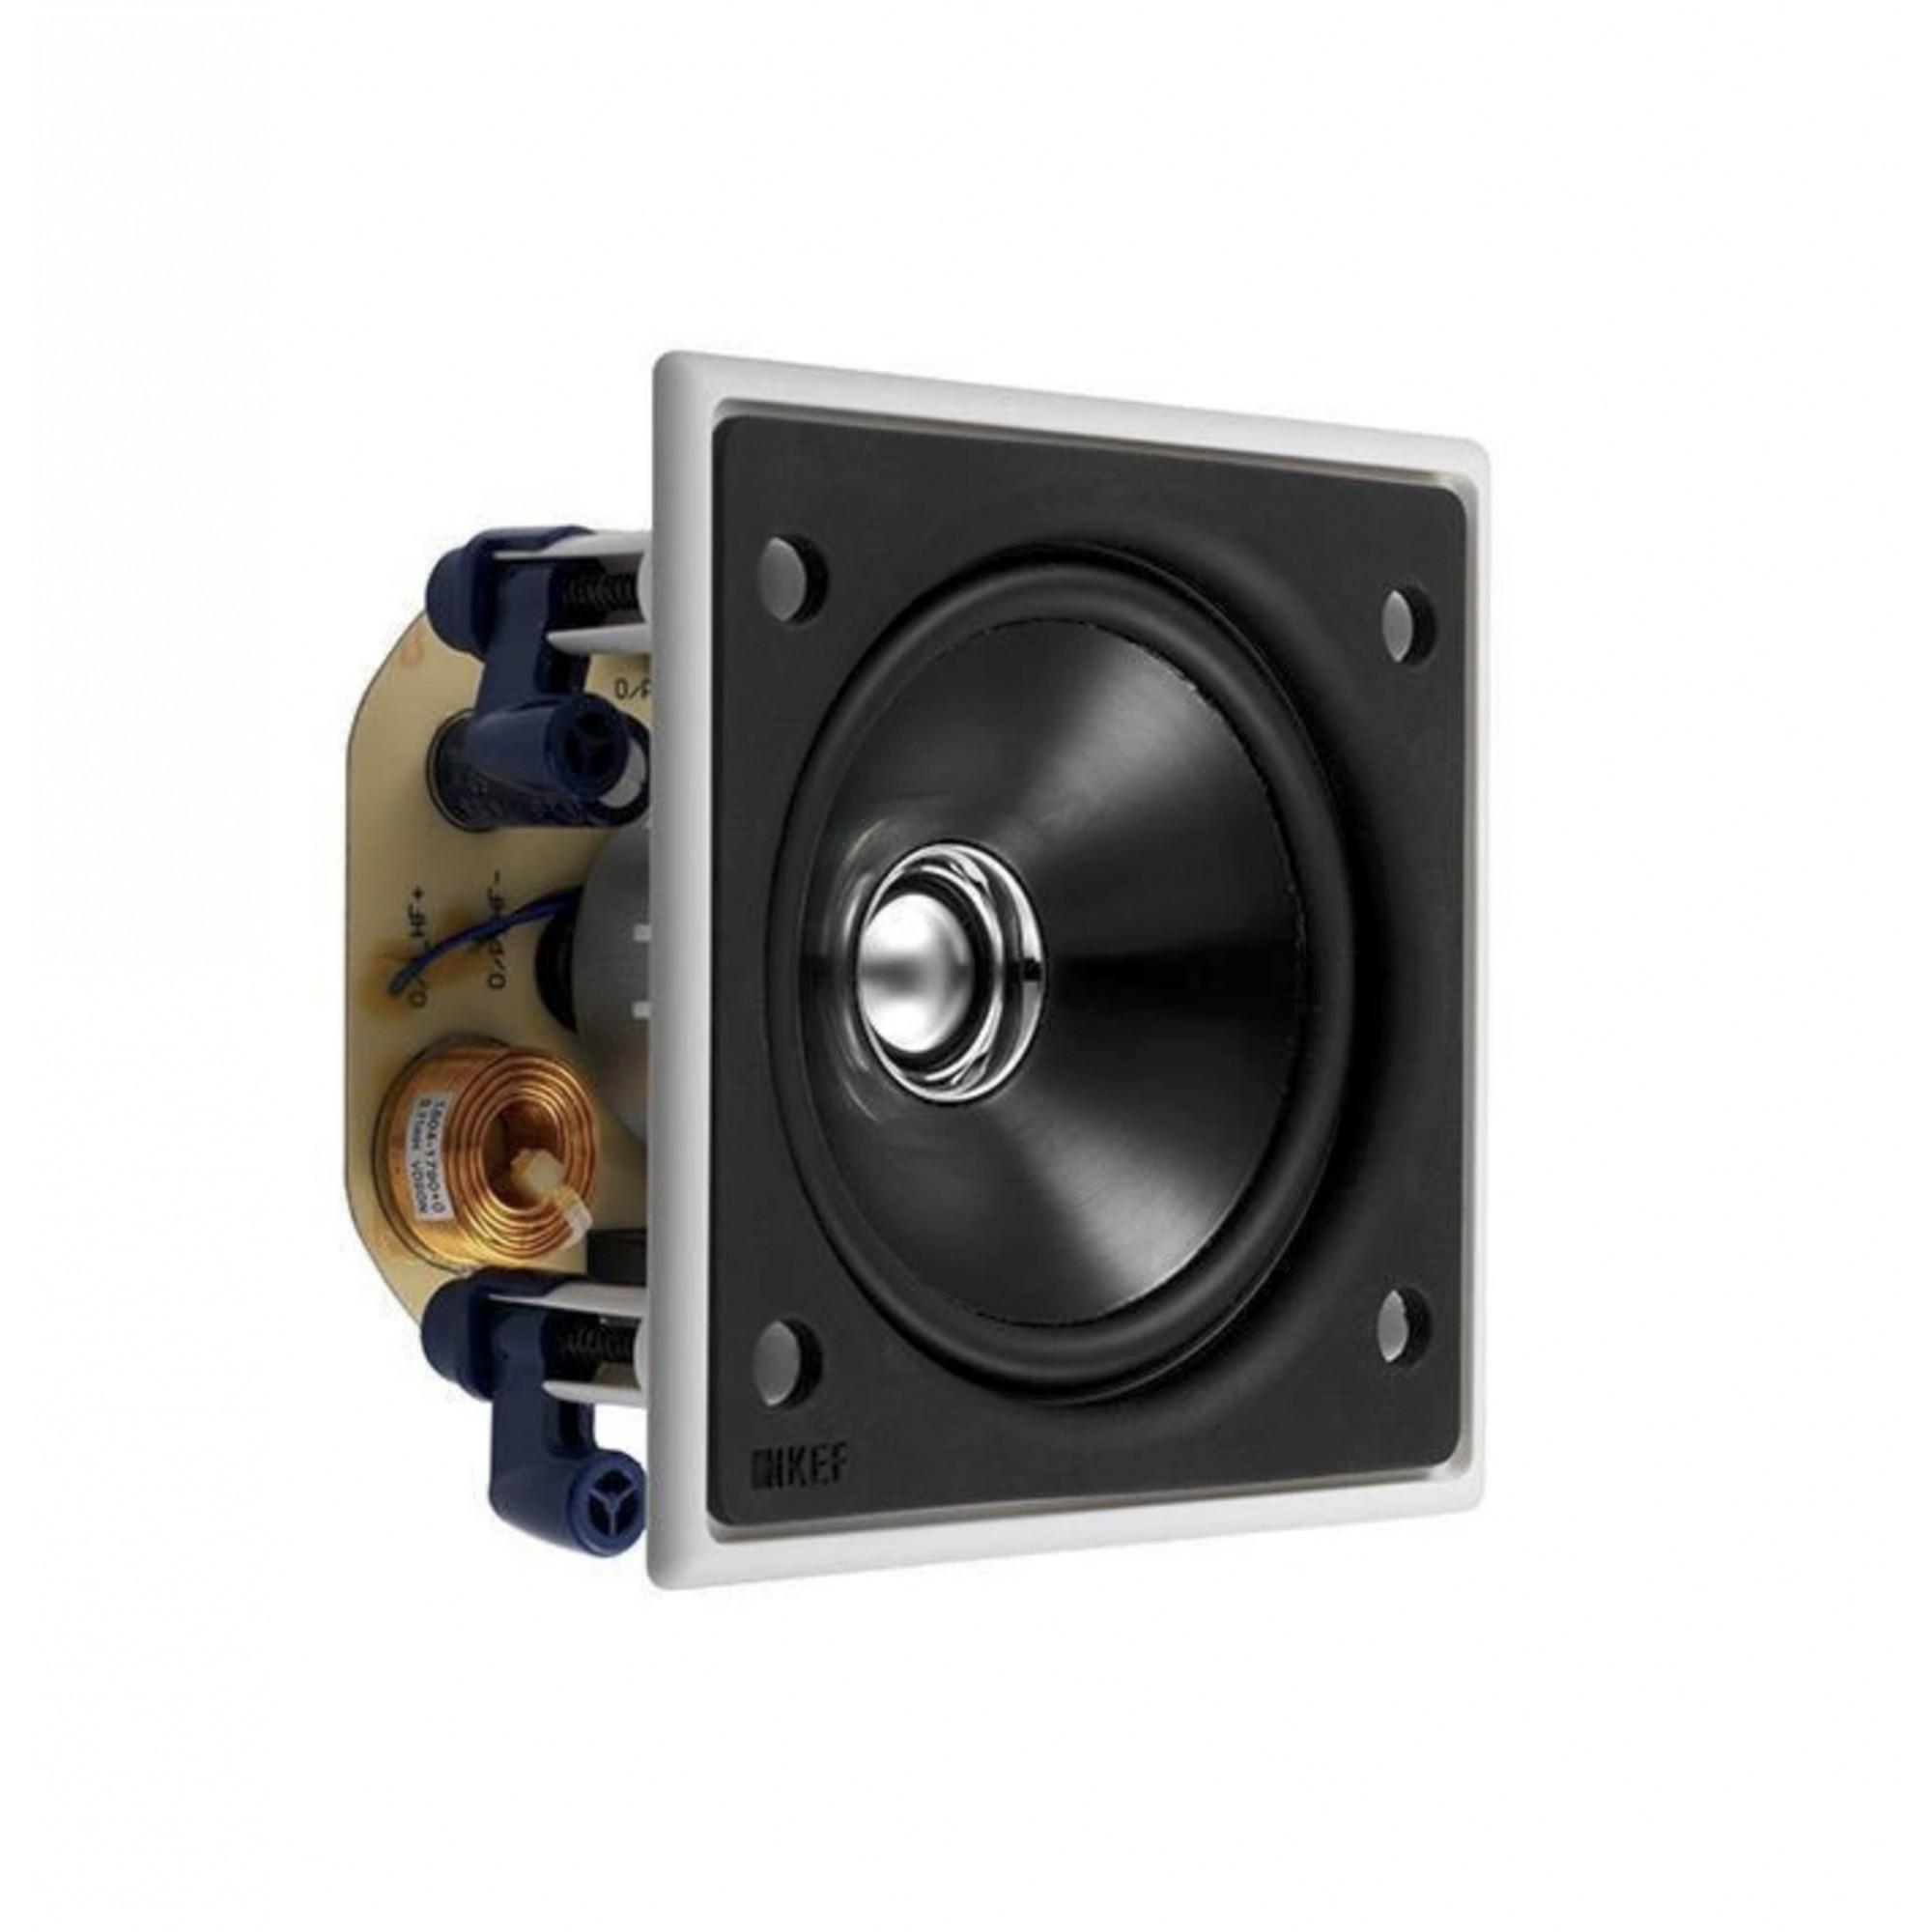 Kef Ci100qs Caixa Acústica De Embutir Quadrada 1 Unidade